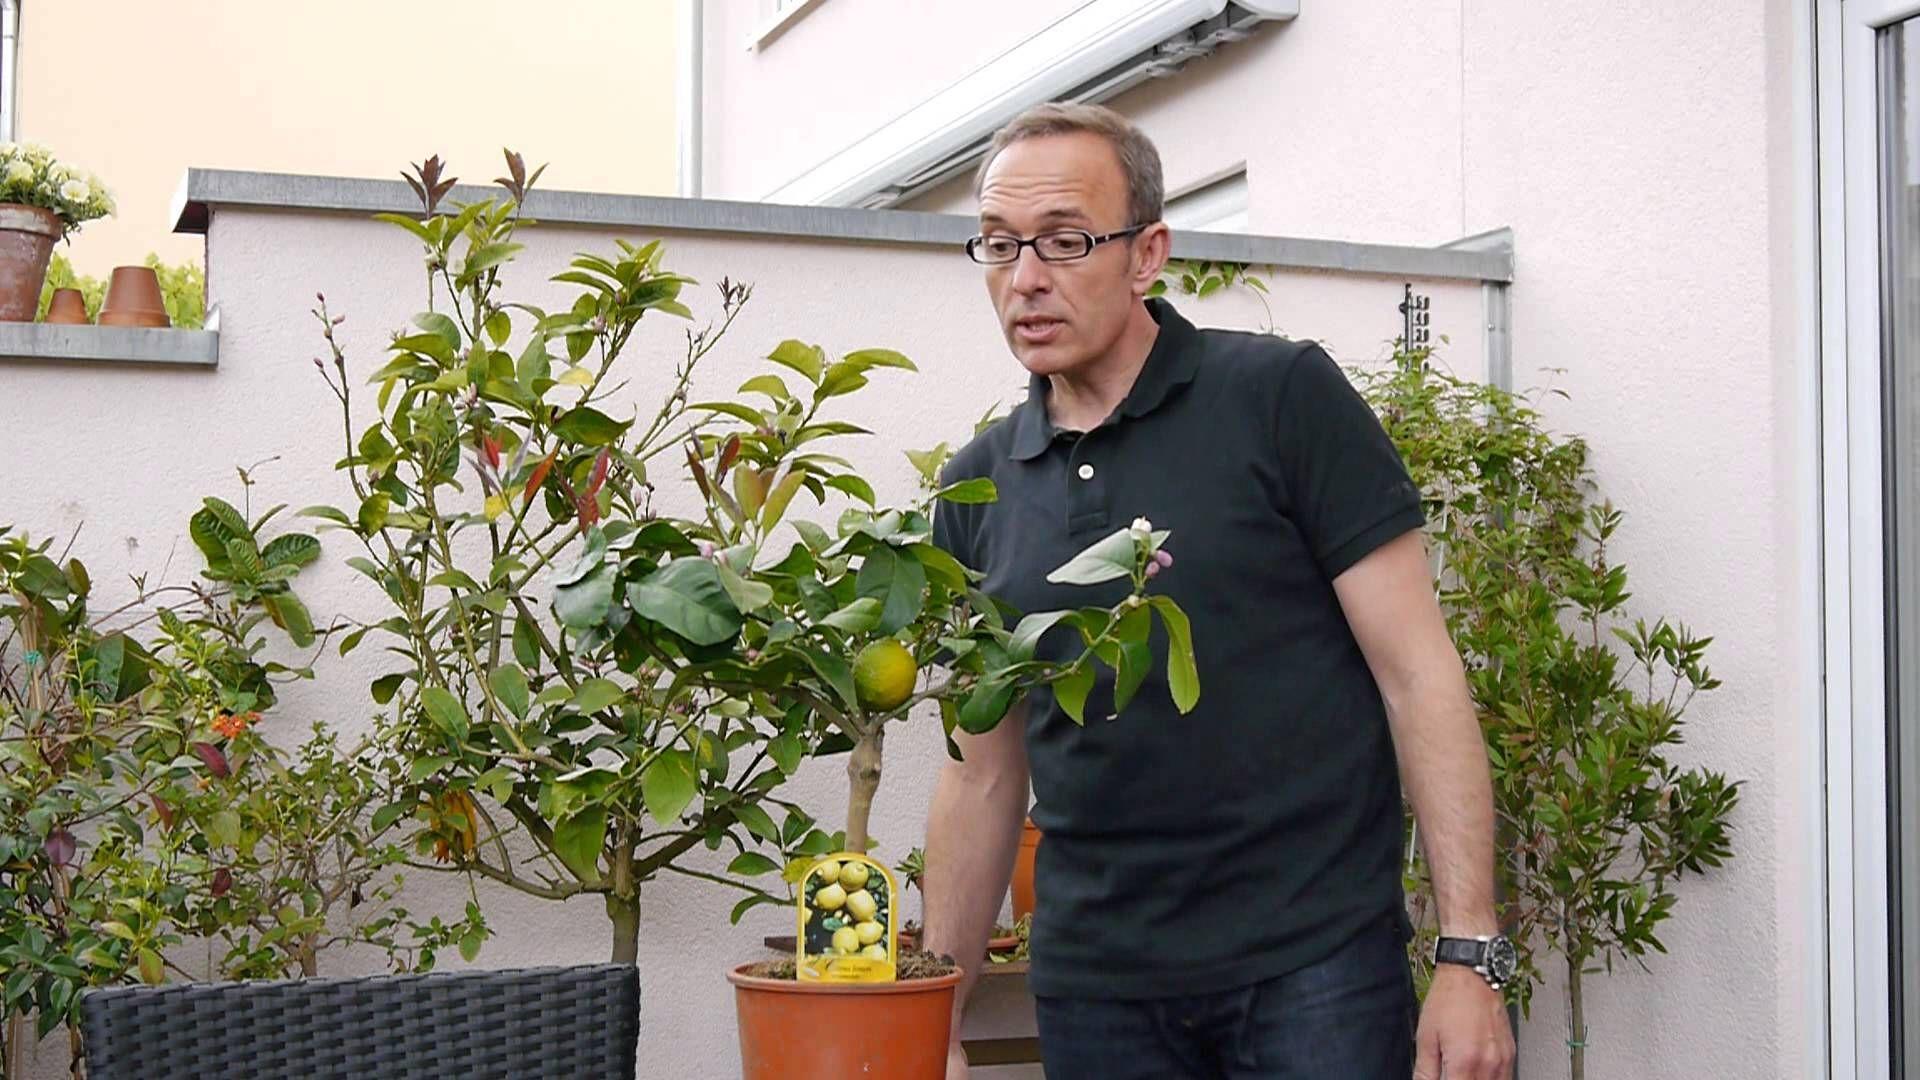 Wichtige Tipps zur Pflege von Zitruspflanzen